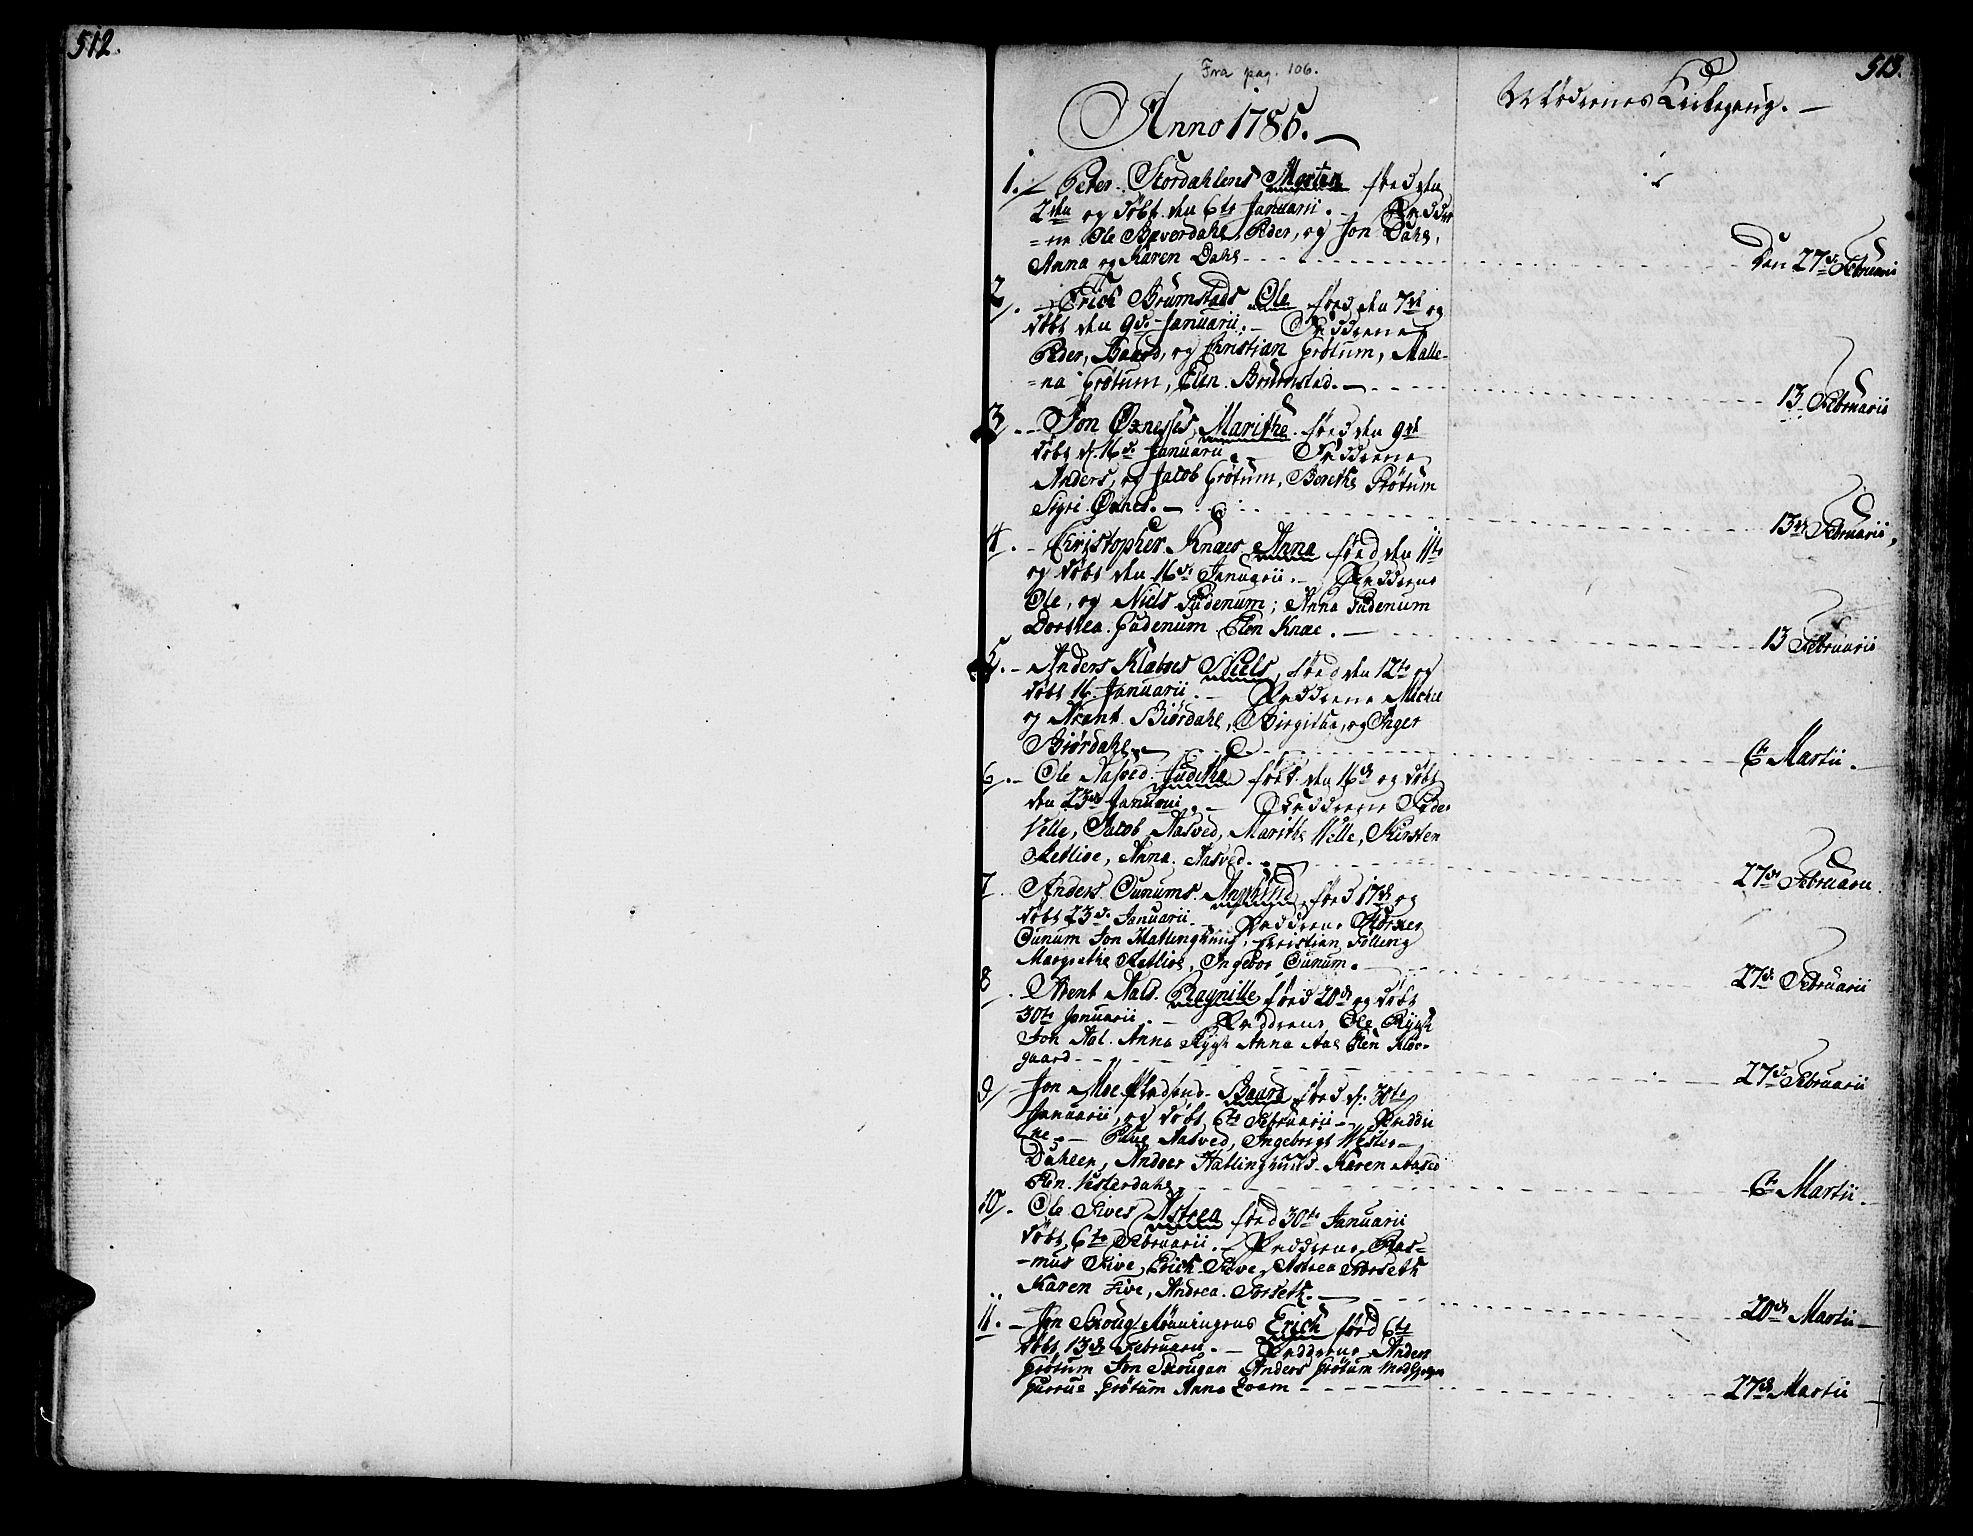 SAT, Ministerialprotokoller, klokkerbøker og fødselsregistre - Nord-Trøndelag, 746/L0440: Ministerialbok nr. 746A02, 1760-1815, s. 512-513